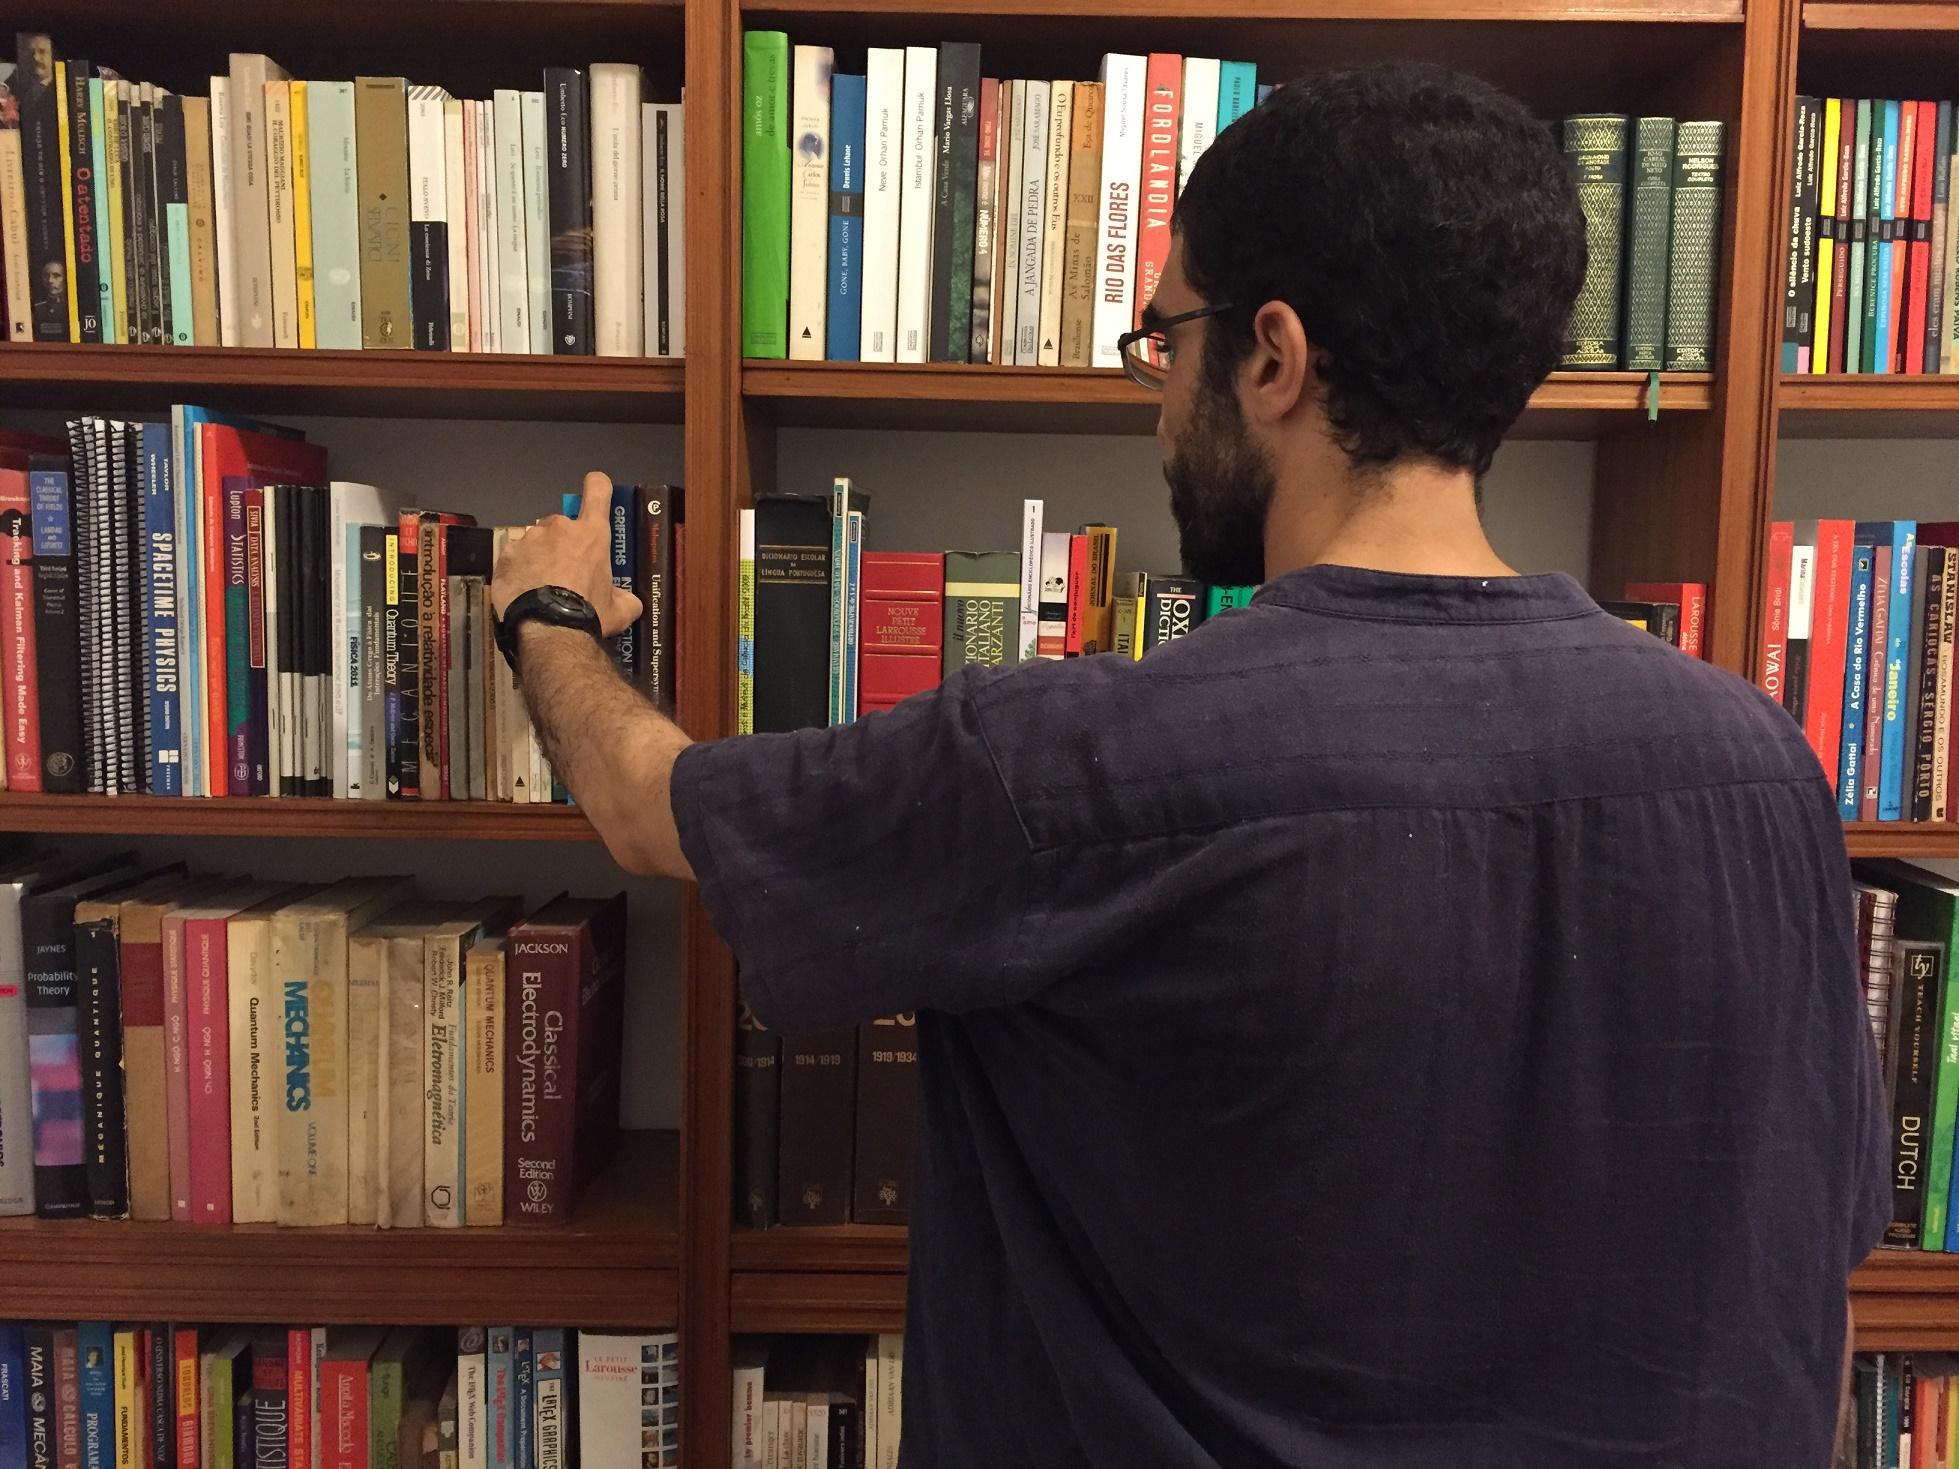 Durante a entrevista, Hicheur pega um livro de física na biblioteca de um amigo. A ciência é a sua grande paixão